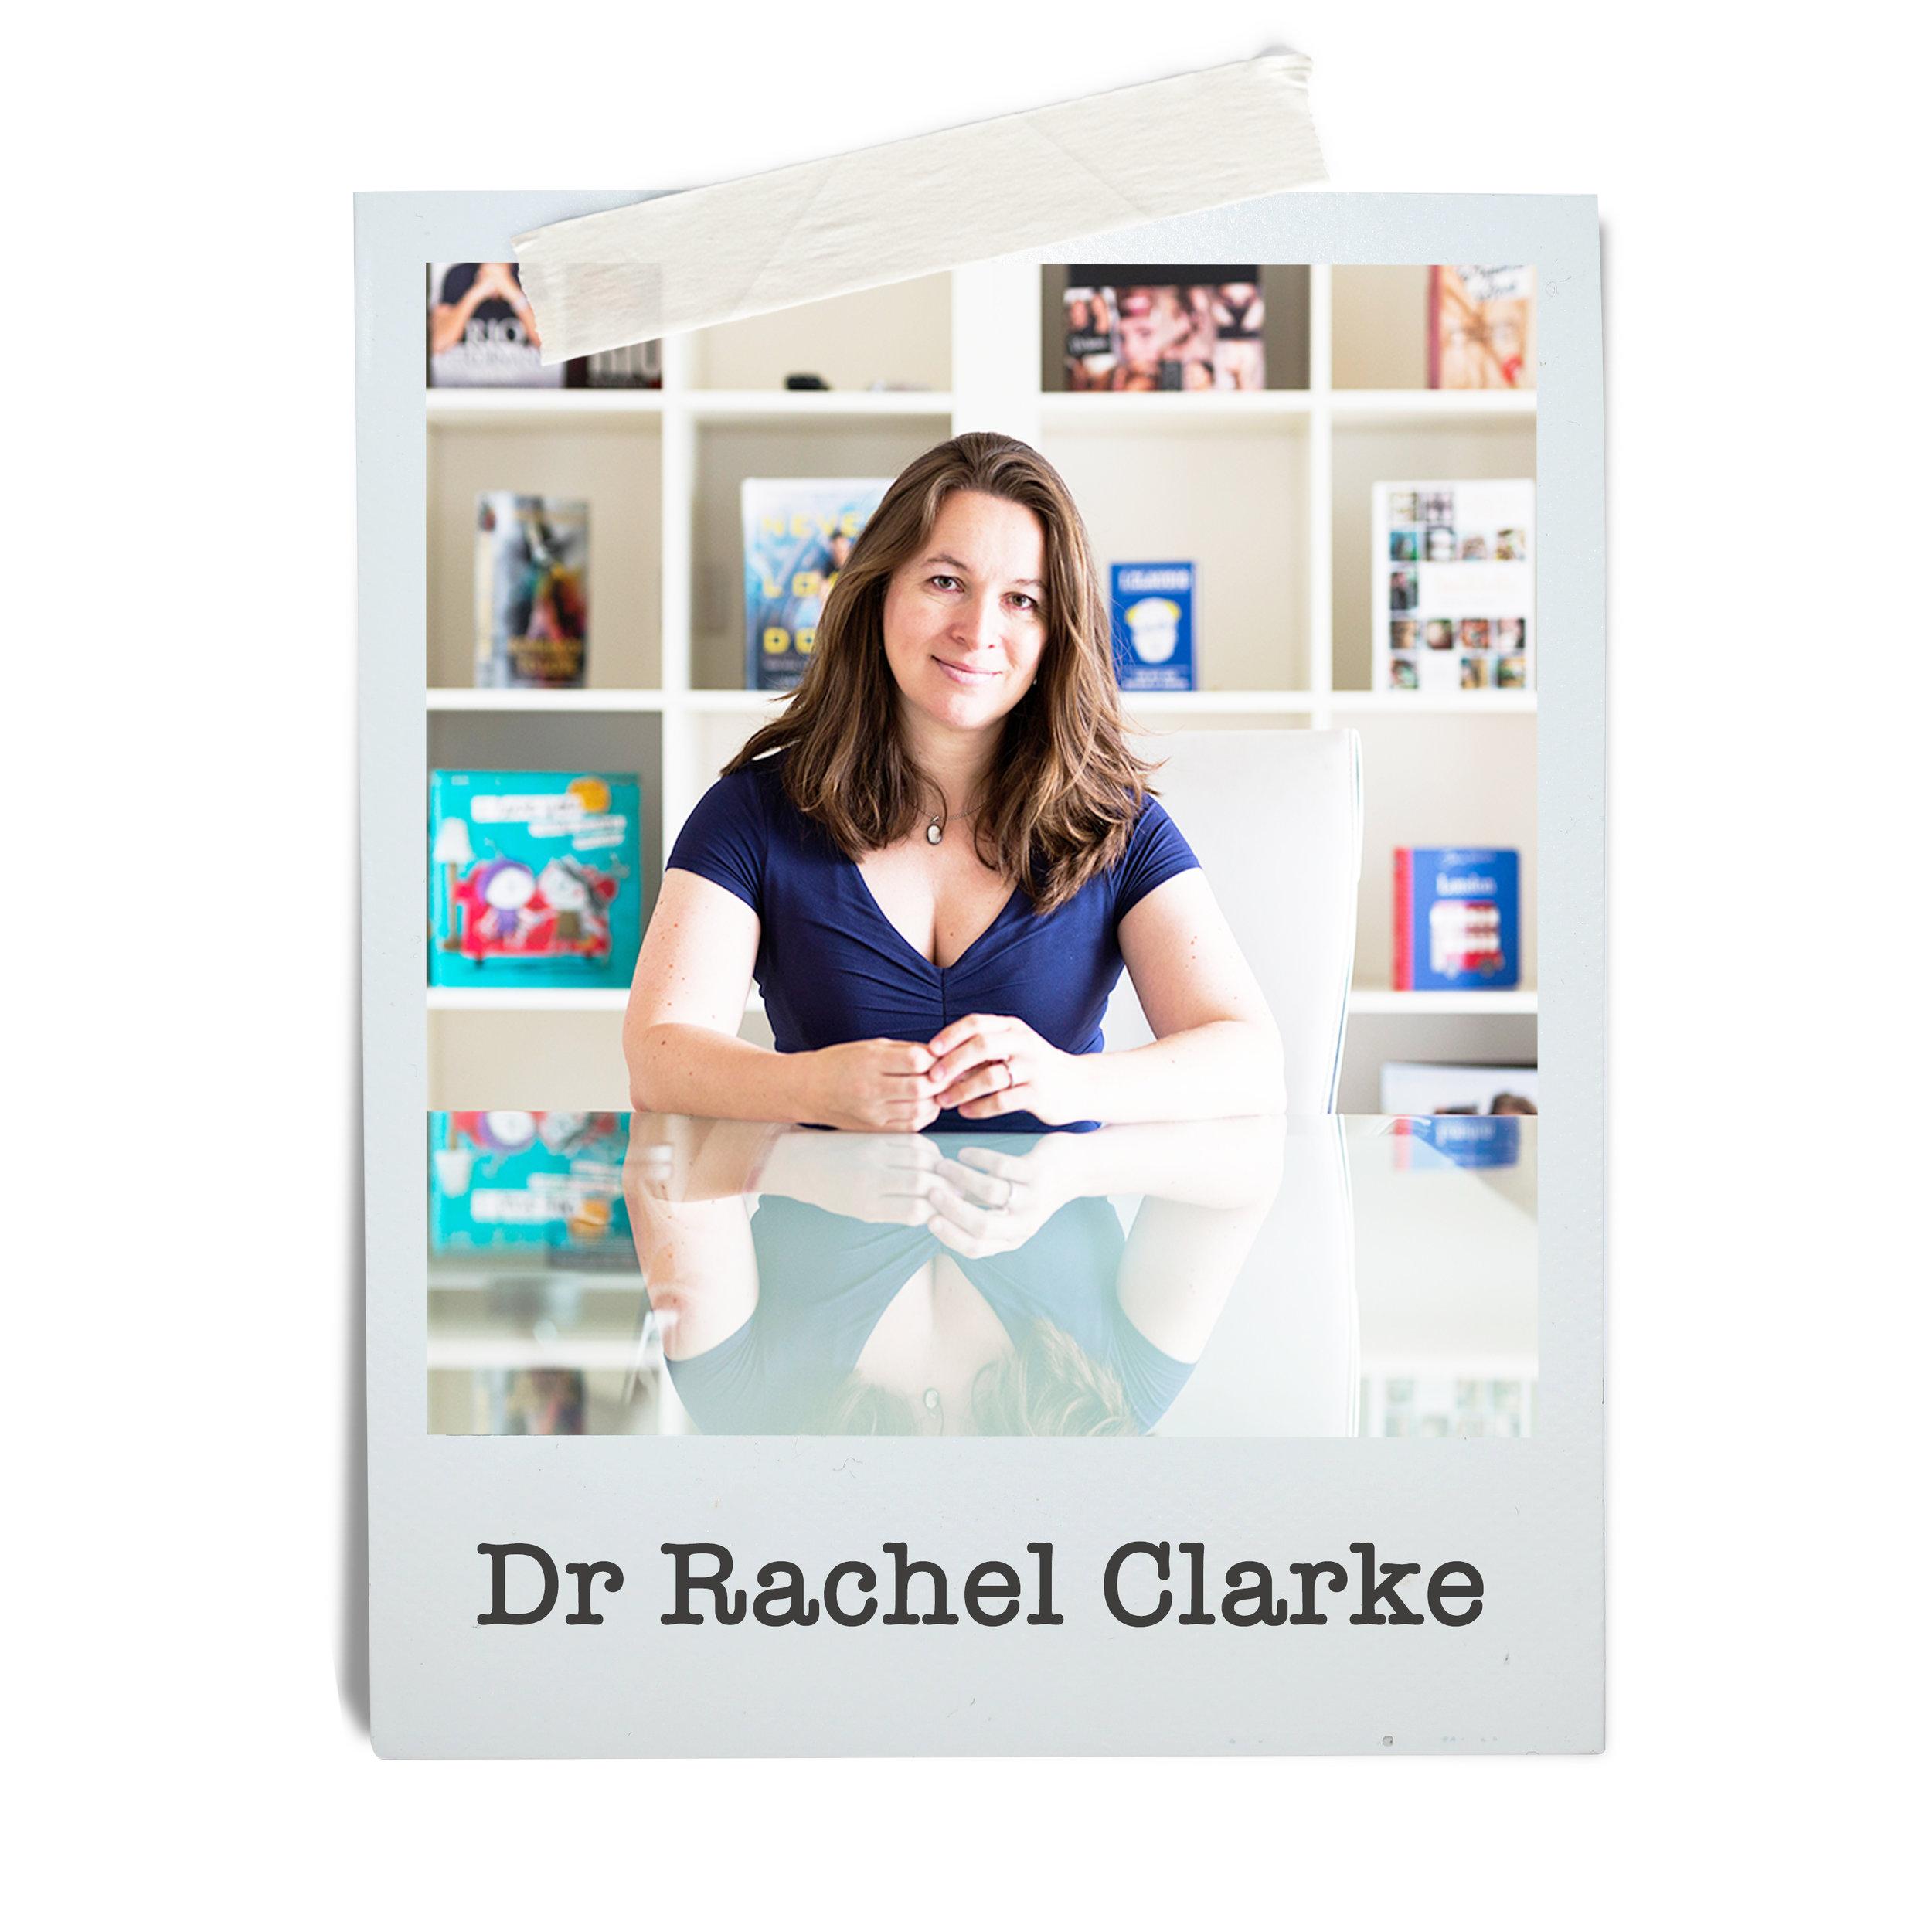 Dr Rachel Clarke